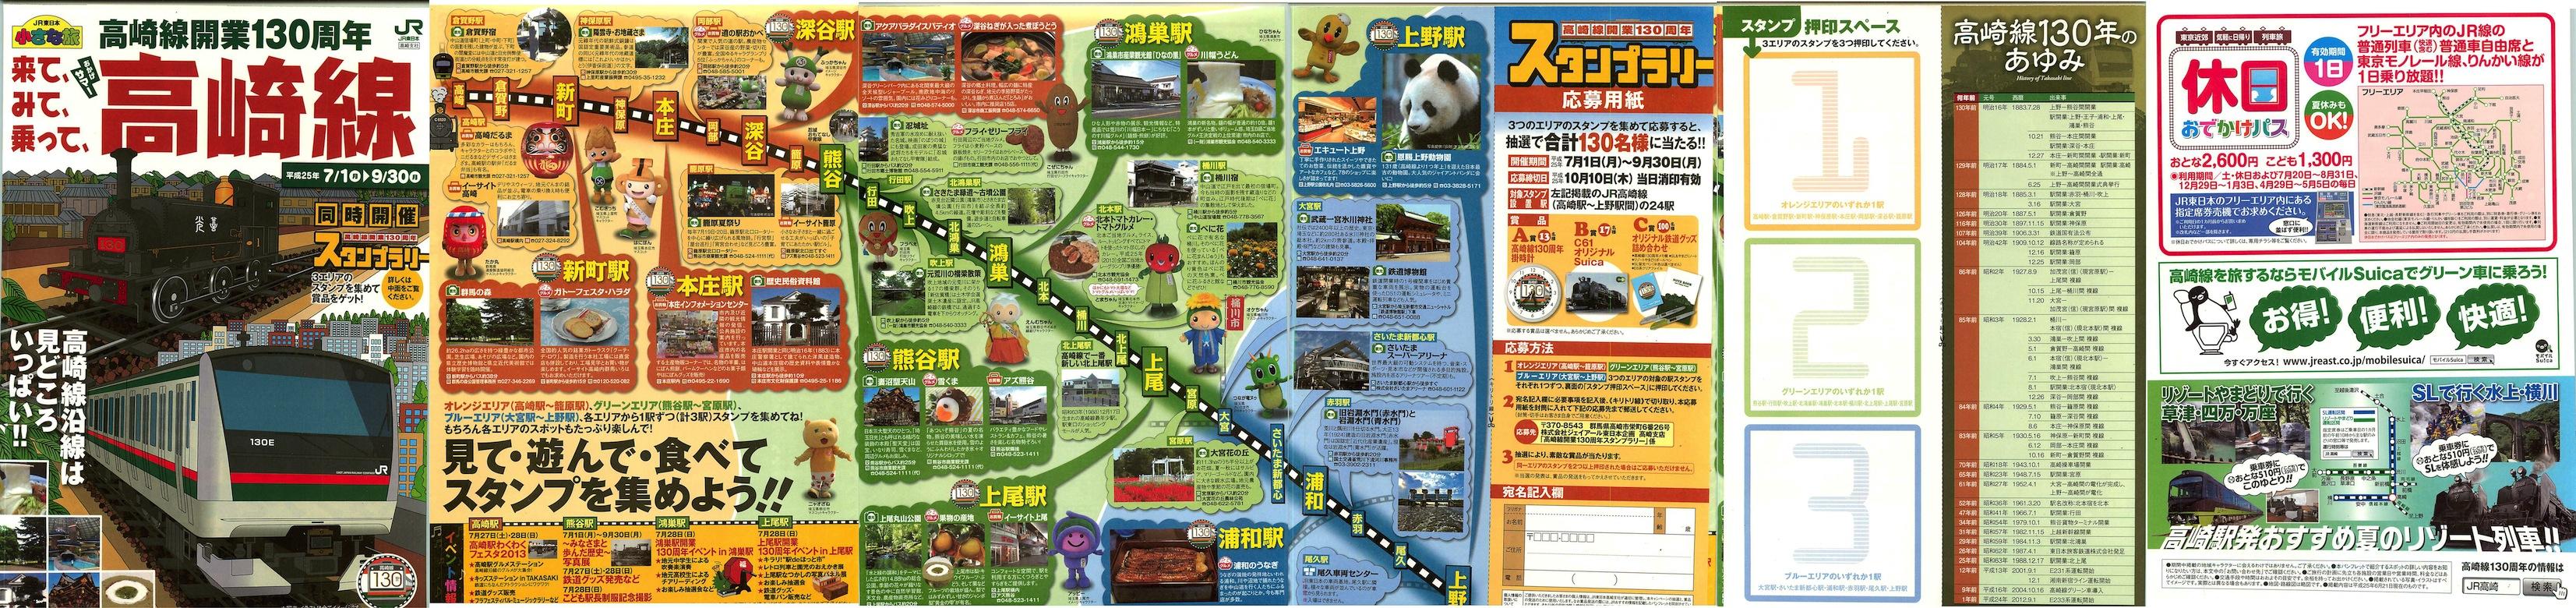 高崎線ファンなら喜ぶパンフ:高崎線開業130周年「来て、みて、乗って、おかげサマー高崎線」